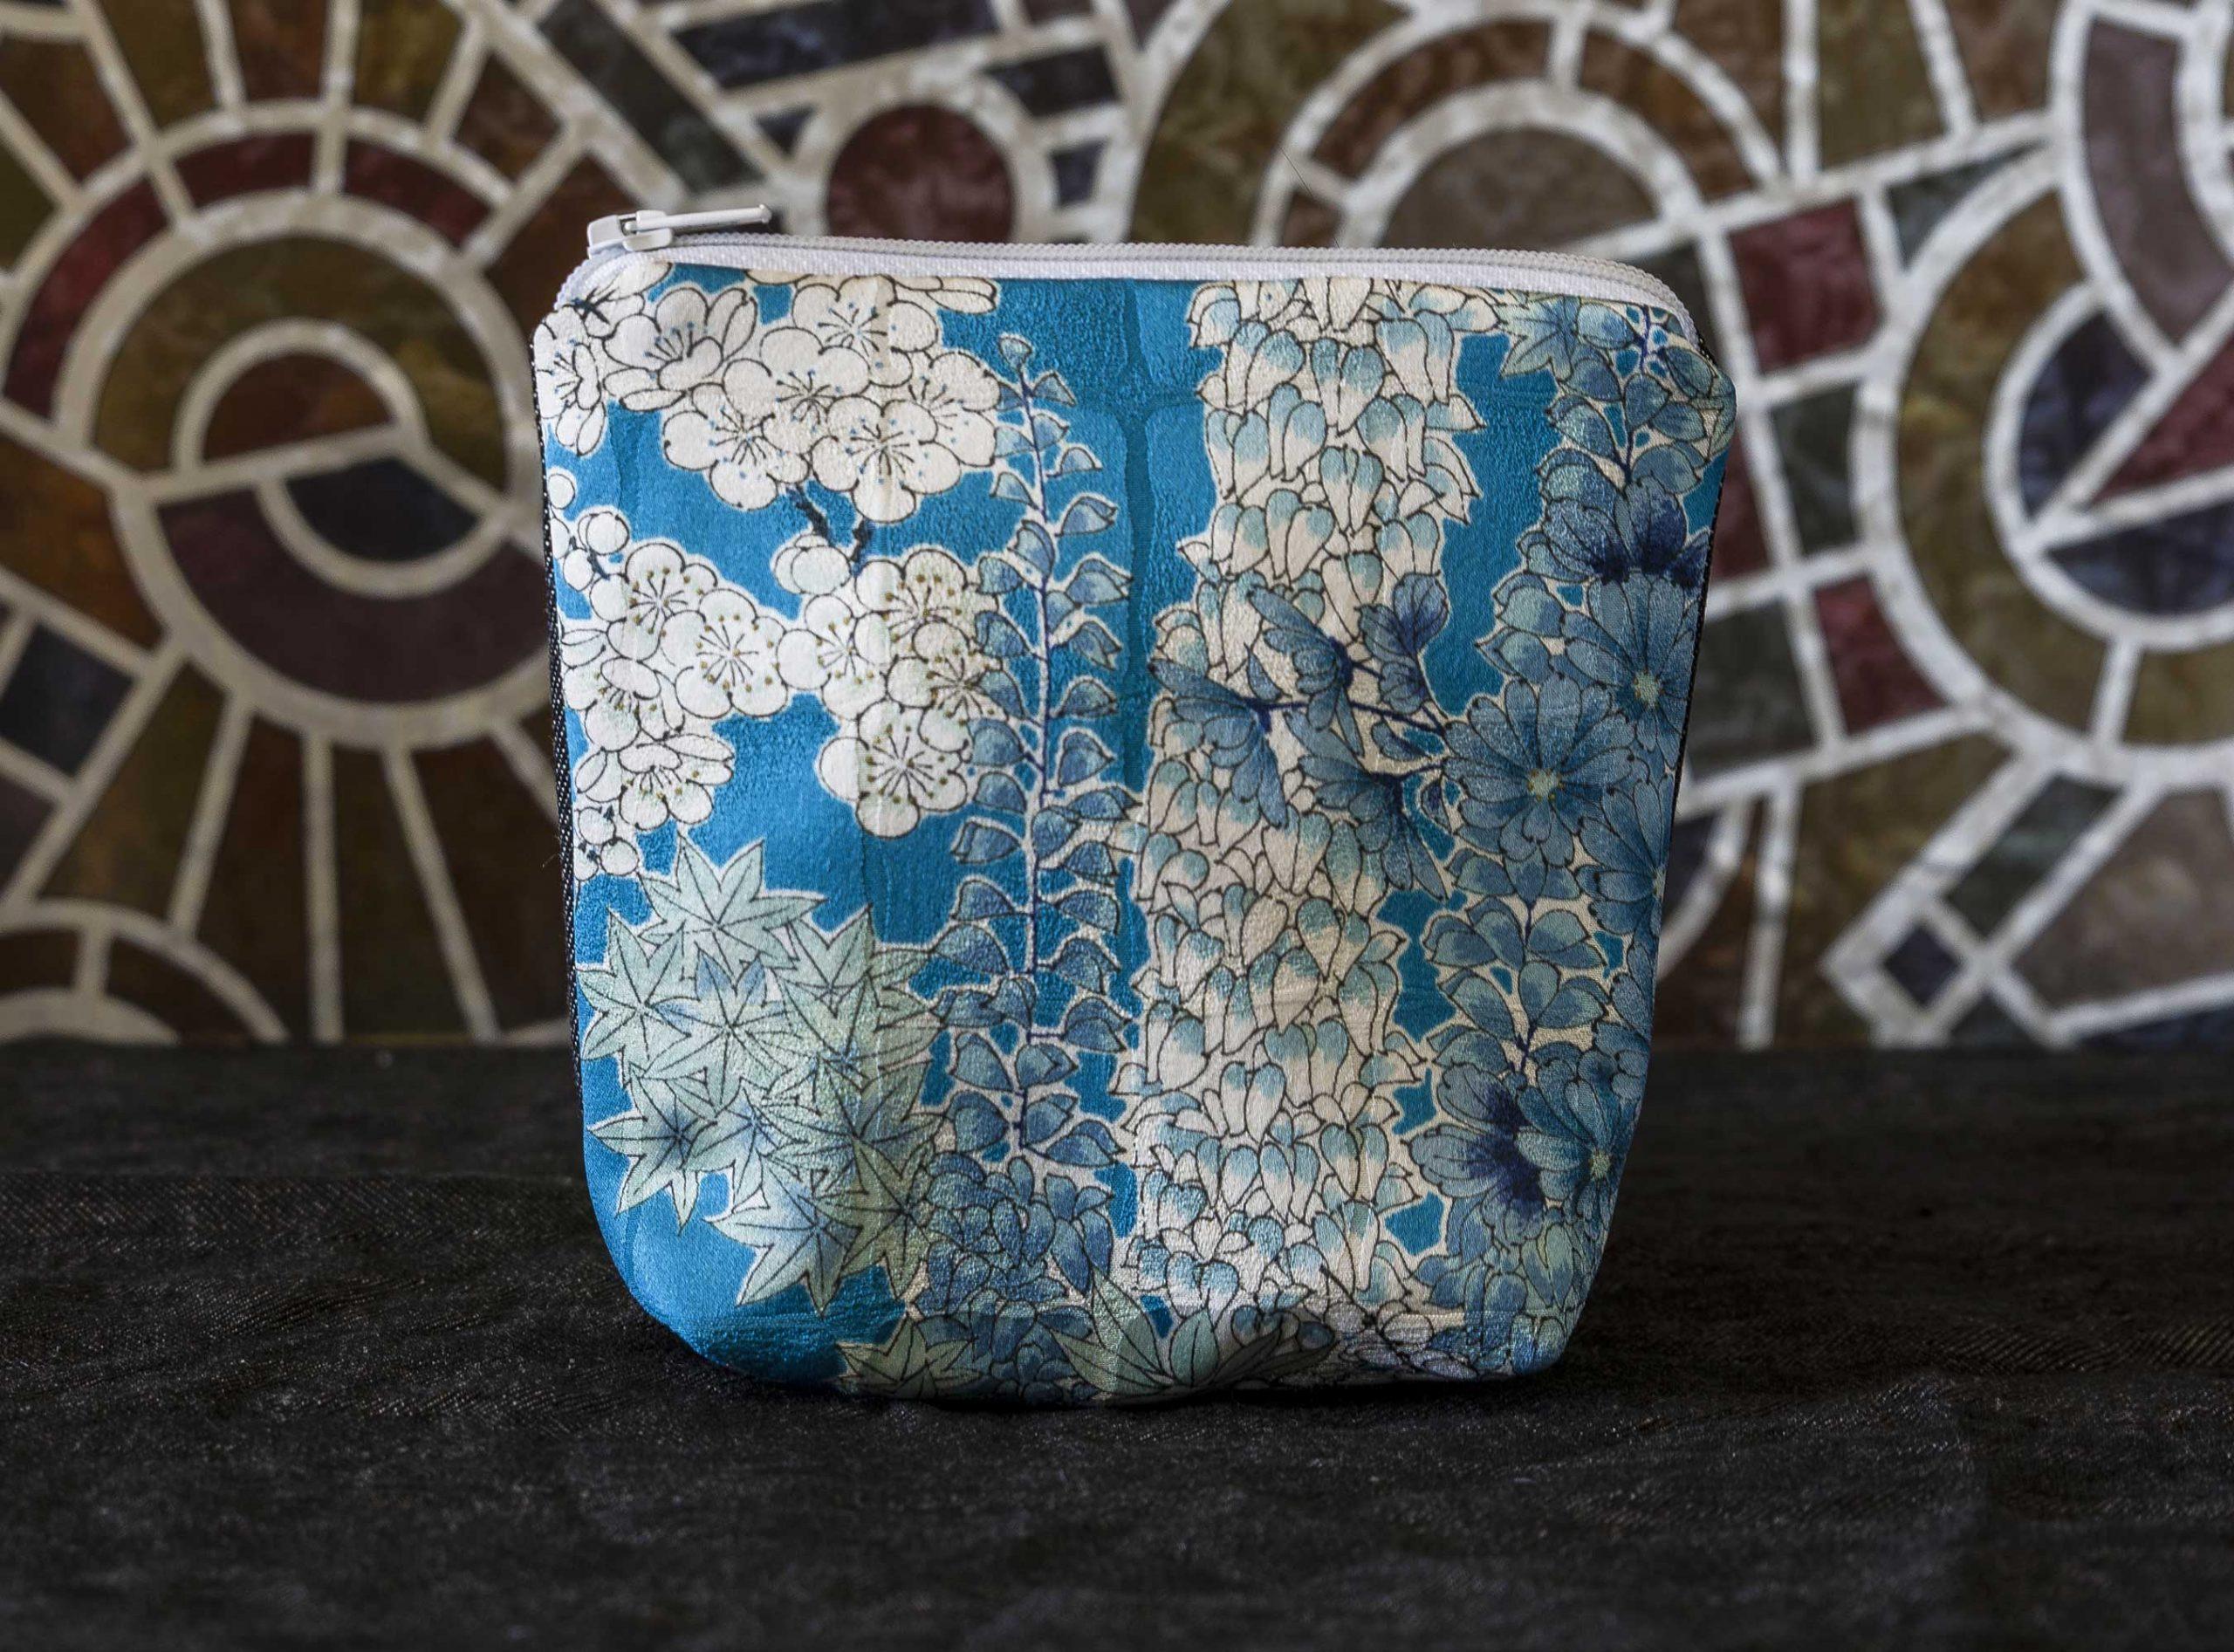 Kiku_pouch_silk_kimono_vintage_4121Aweb